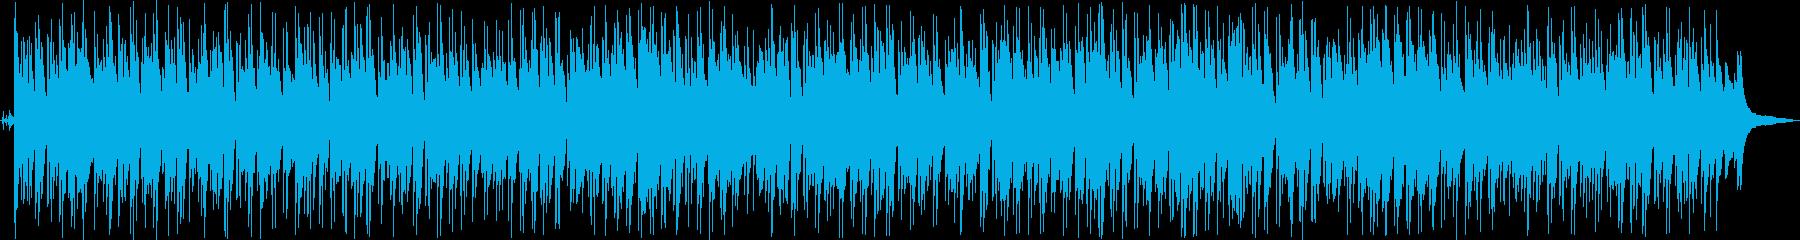 のんびり、ほのぼの、昼下がりのボサノバの再生済みの波形